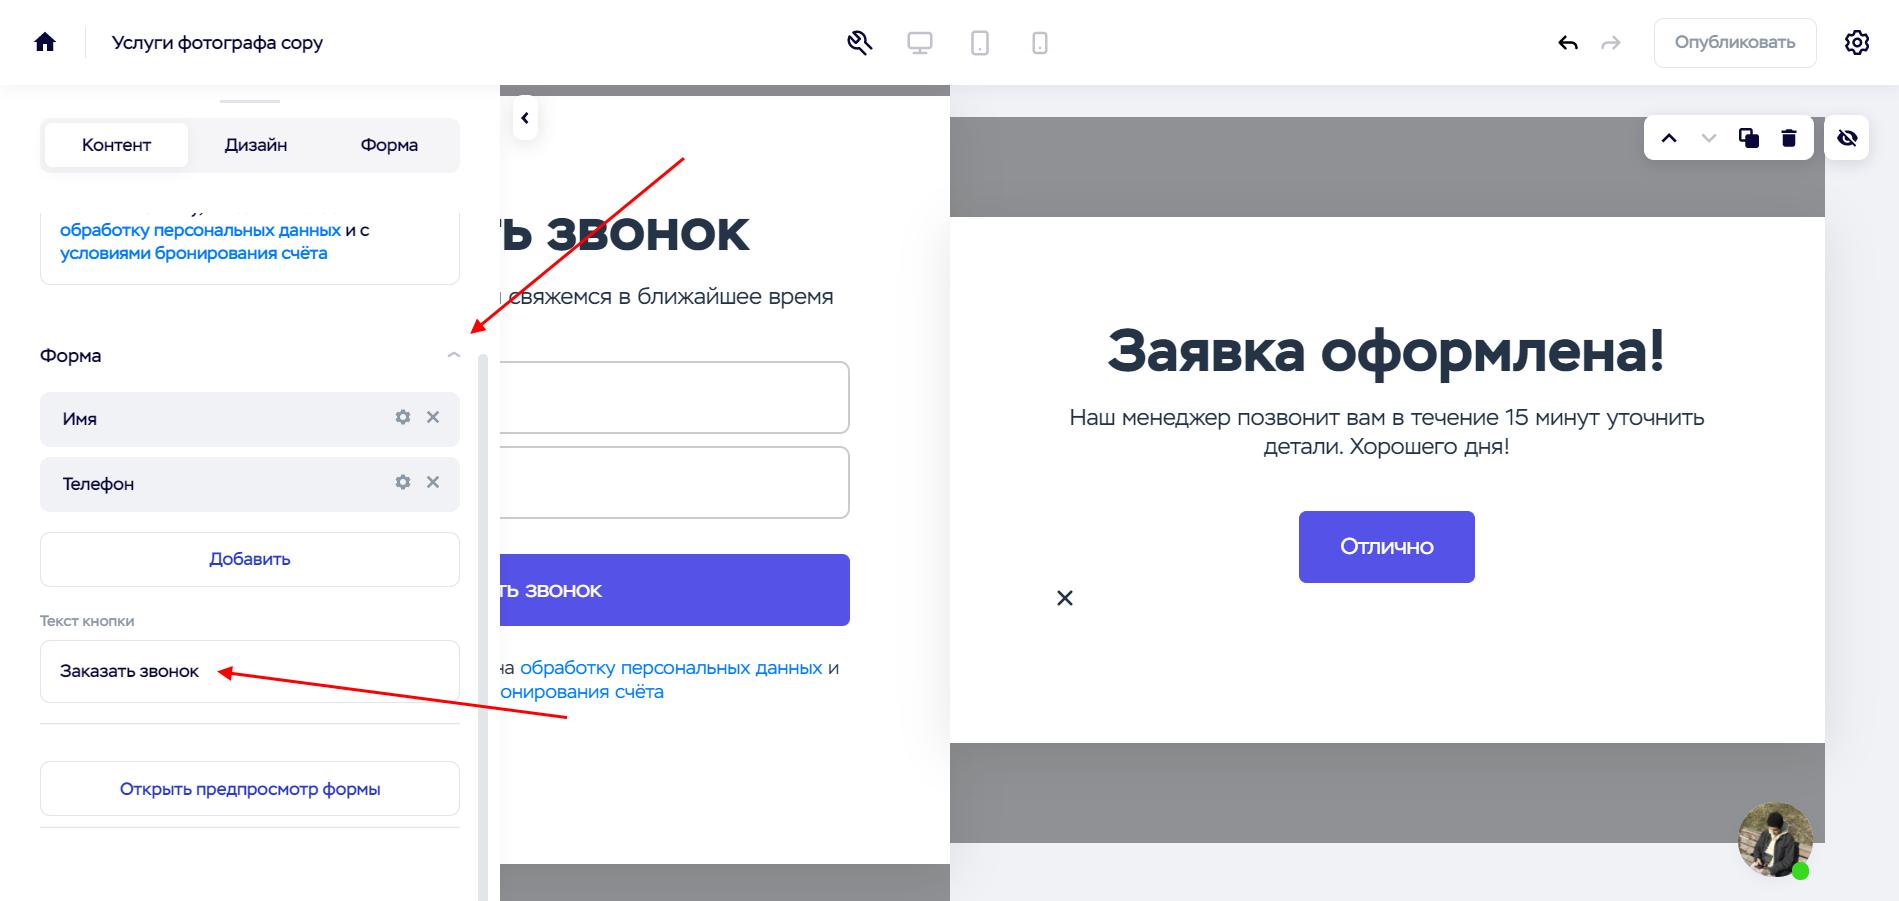 Как изменить текст кнопки в форме заявки Craftum